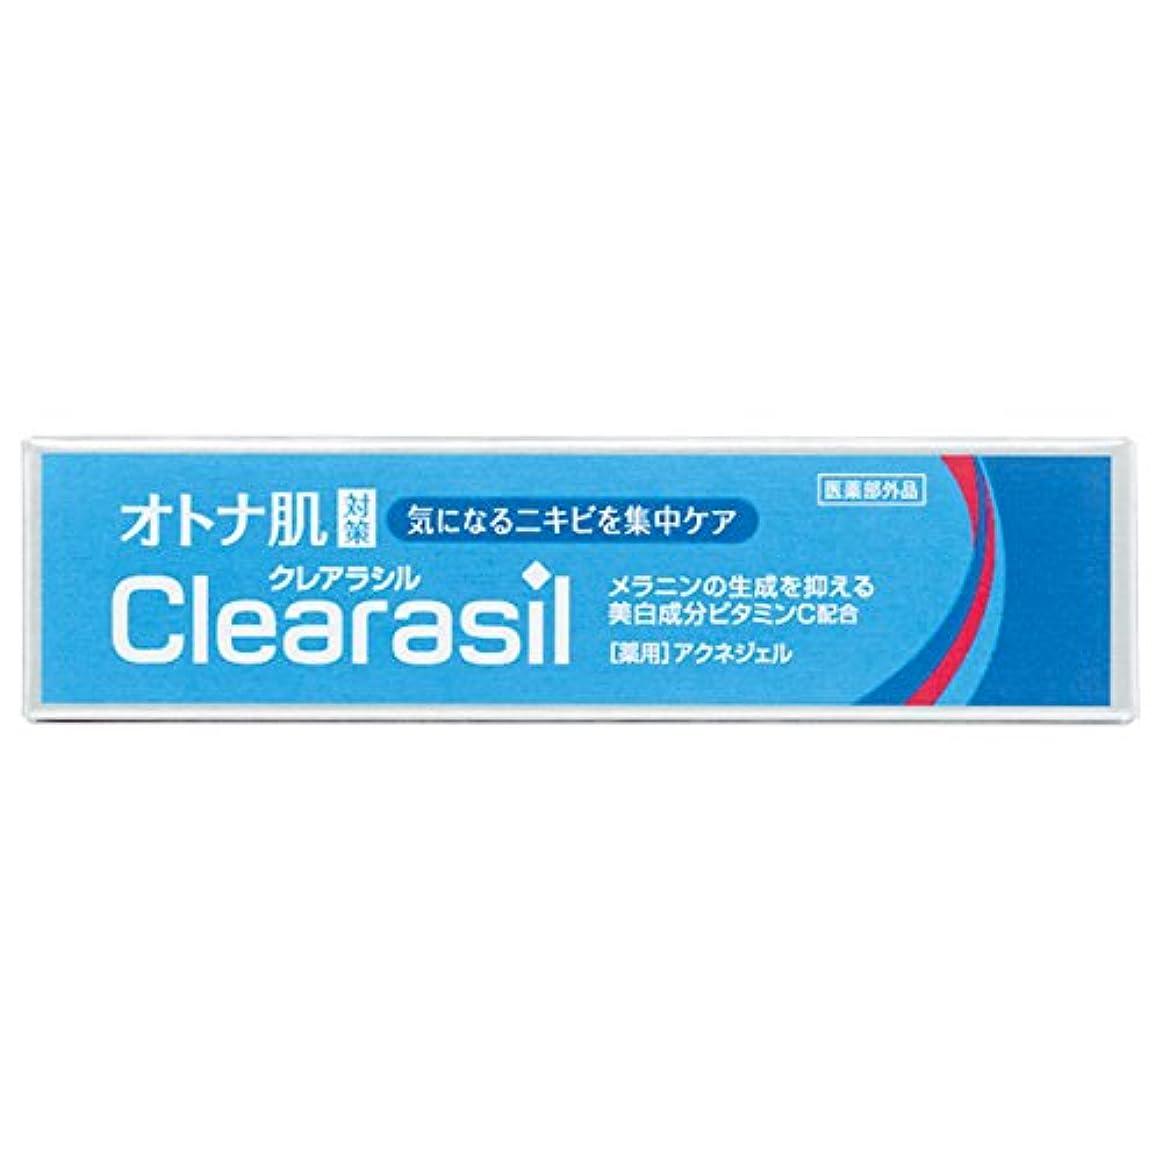 レンジクランシーサラダ【医薬部外品】クレアラシル オトナ肌対策 14G